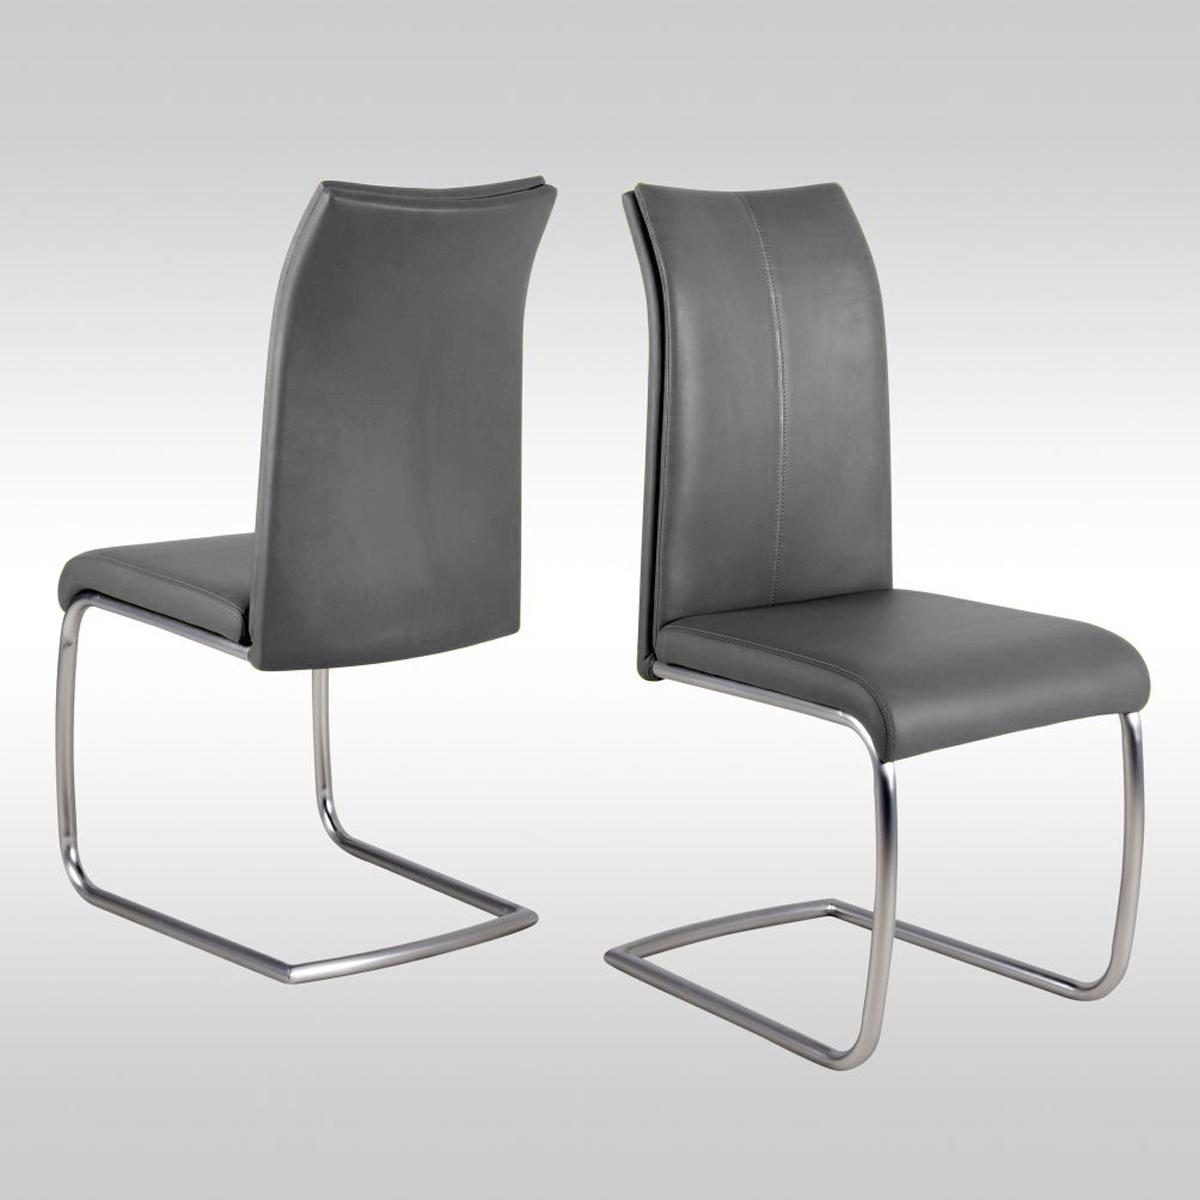 4er set schwingstuhl orlando st hle grau edelstahl freischwinger esszimmer ebay. Black Bedroom Furniture Sets. Home Design Ideas